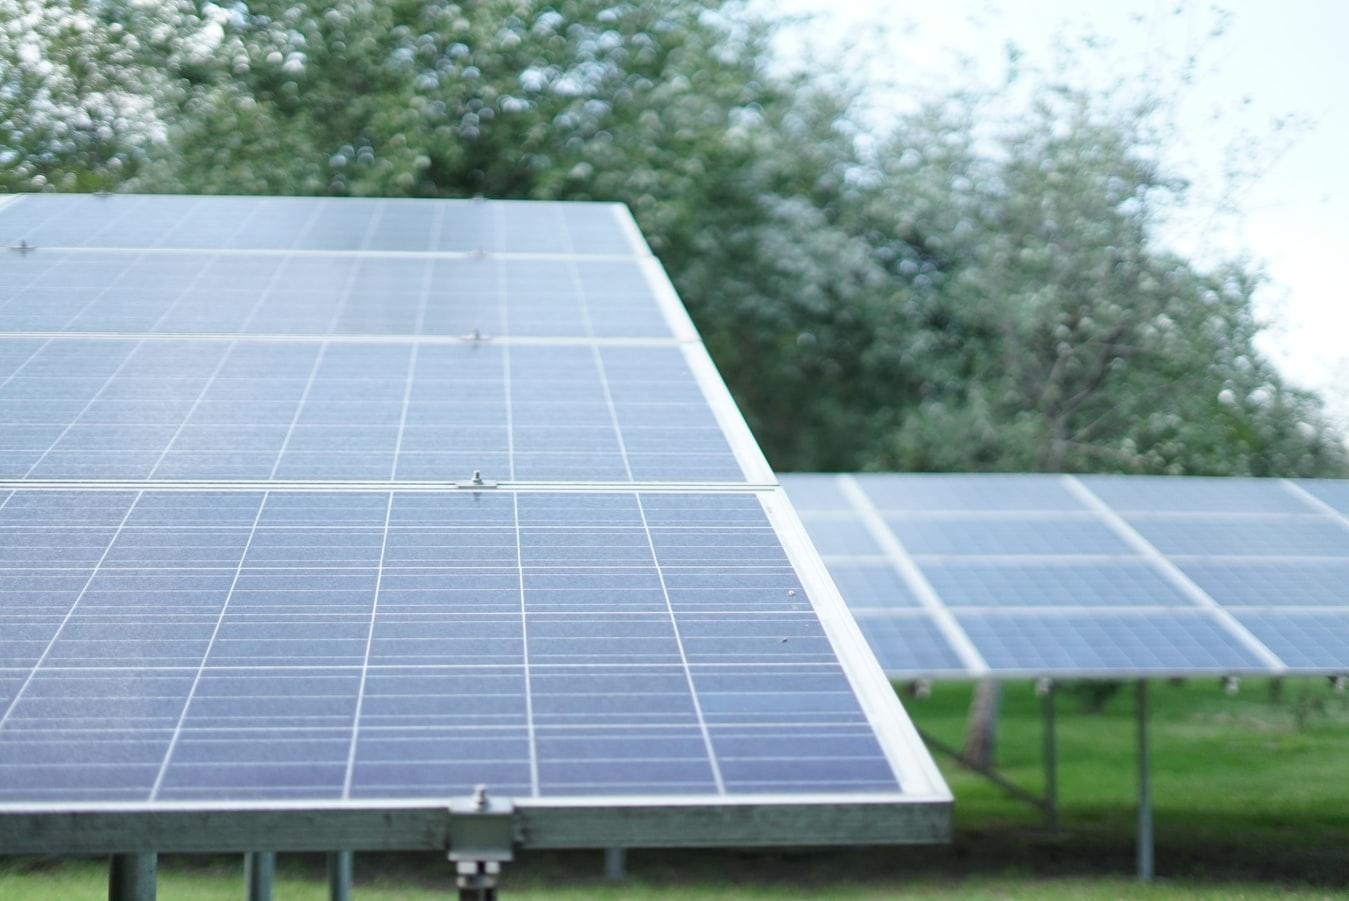 photo 1566093097221 ac2335b09e70 - ¿Es posible instalar paneles solares en una comunidad de vecinos?